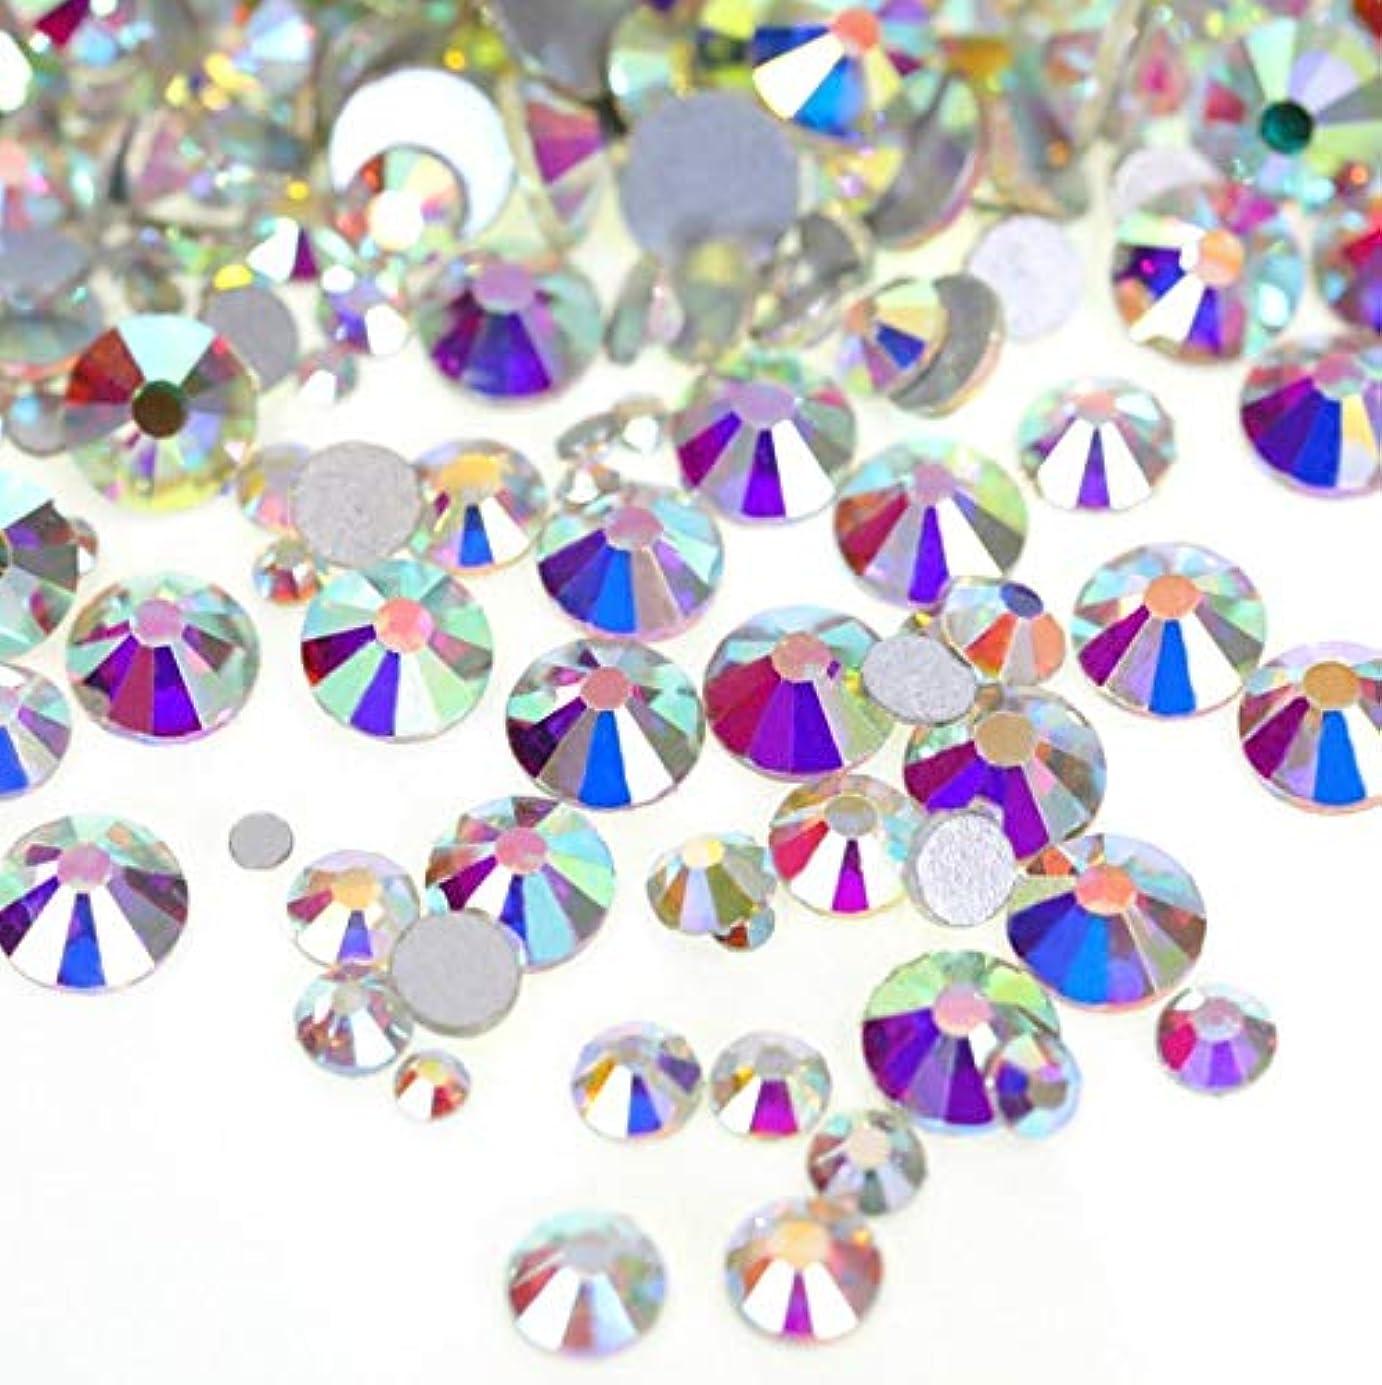 スクラップ先モッキンバード【ラインストーン77】高品質ガラス製ラインストーン オーロラクリスタル(3.0mm (SS12) 約200粒)